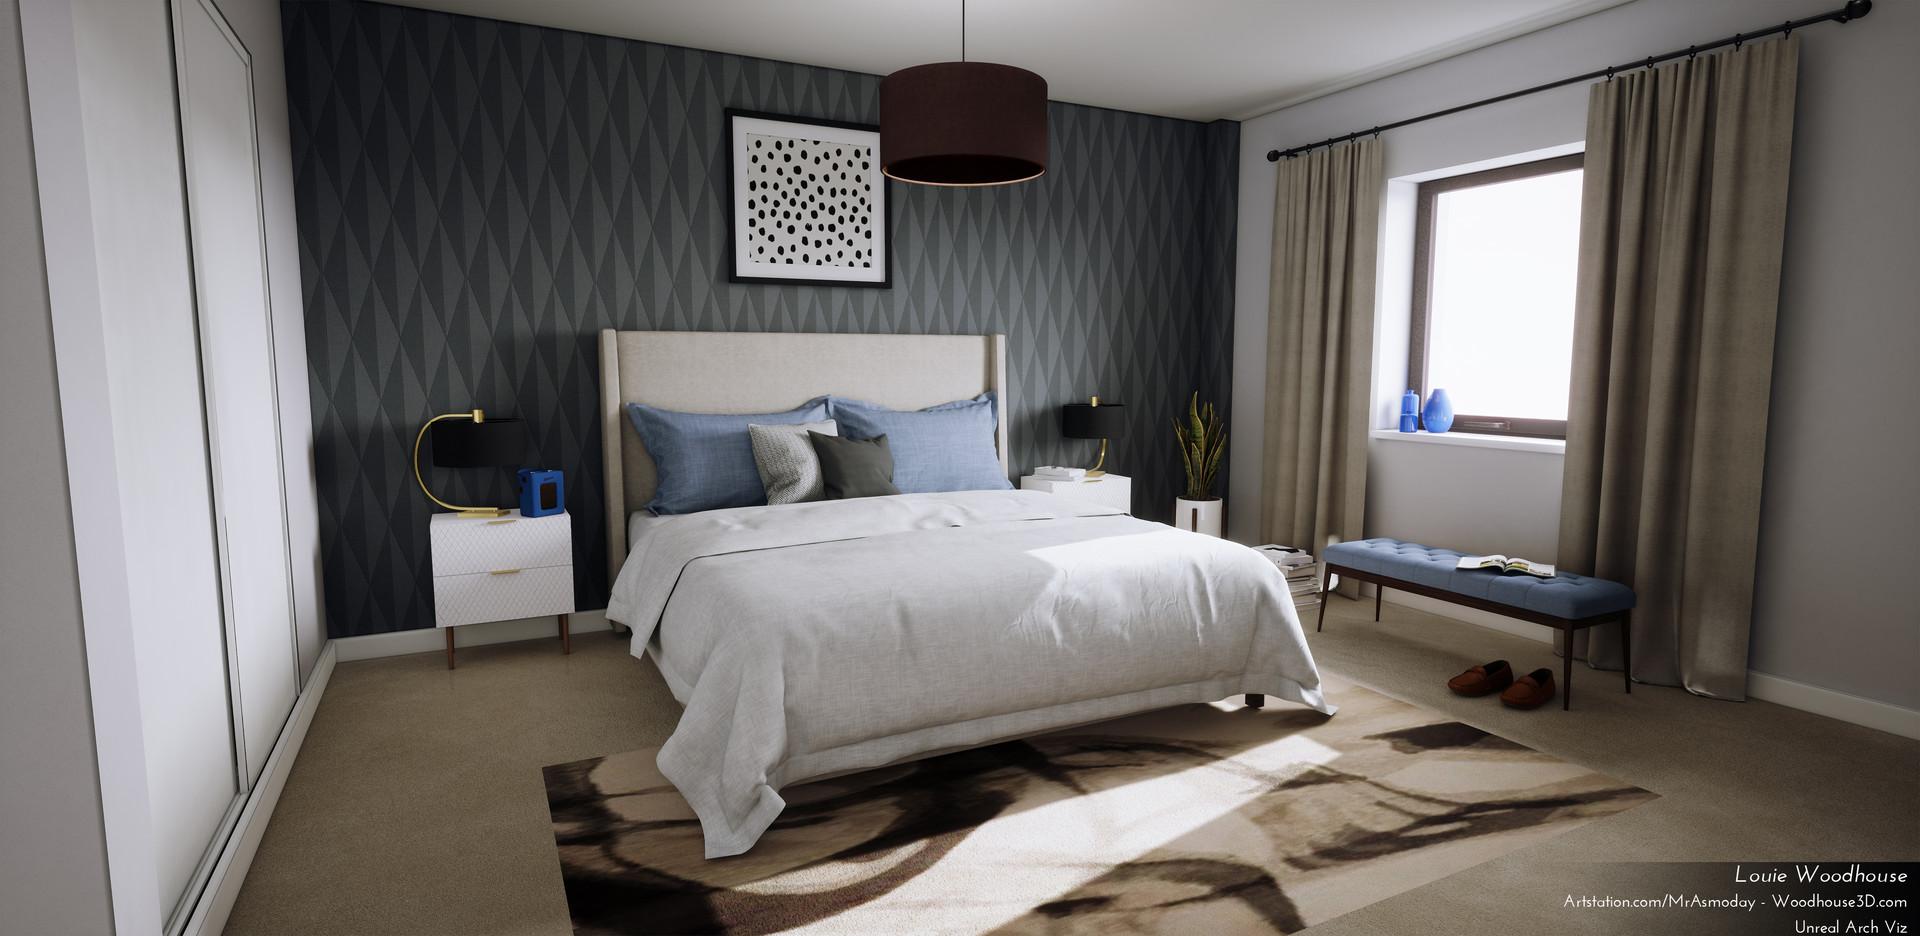 Louie woodhouse bedroom 01